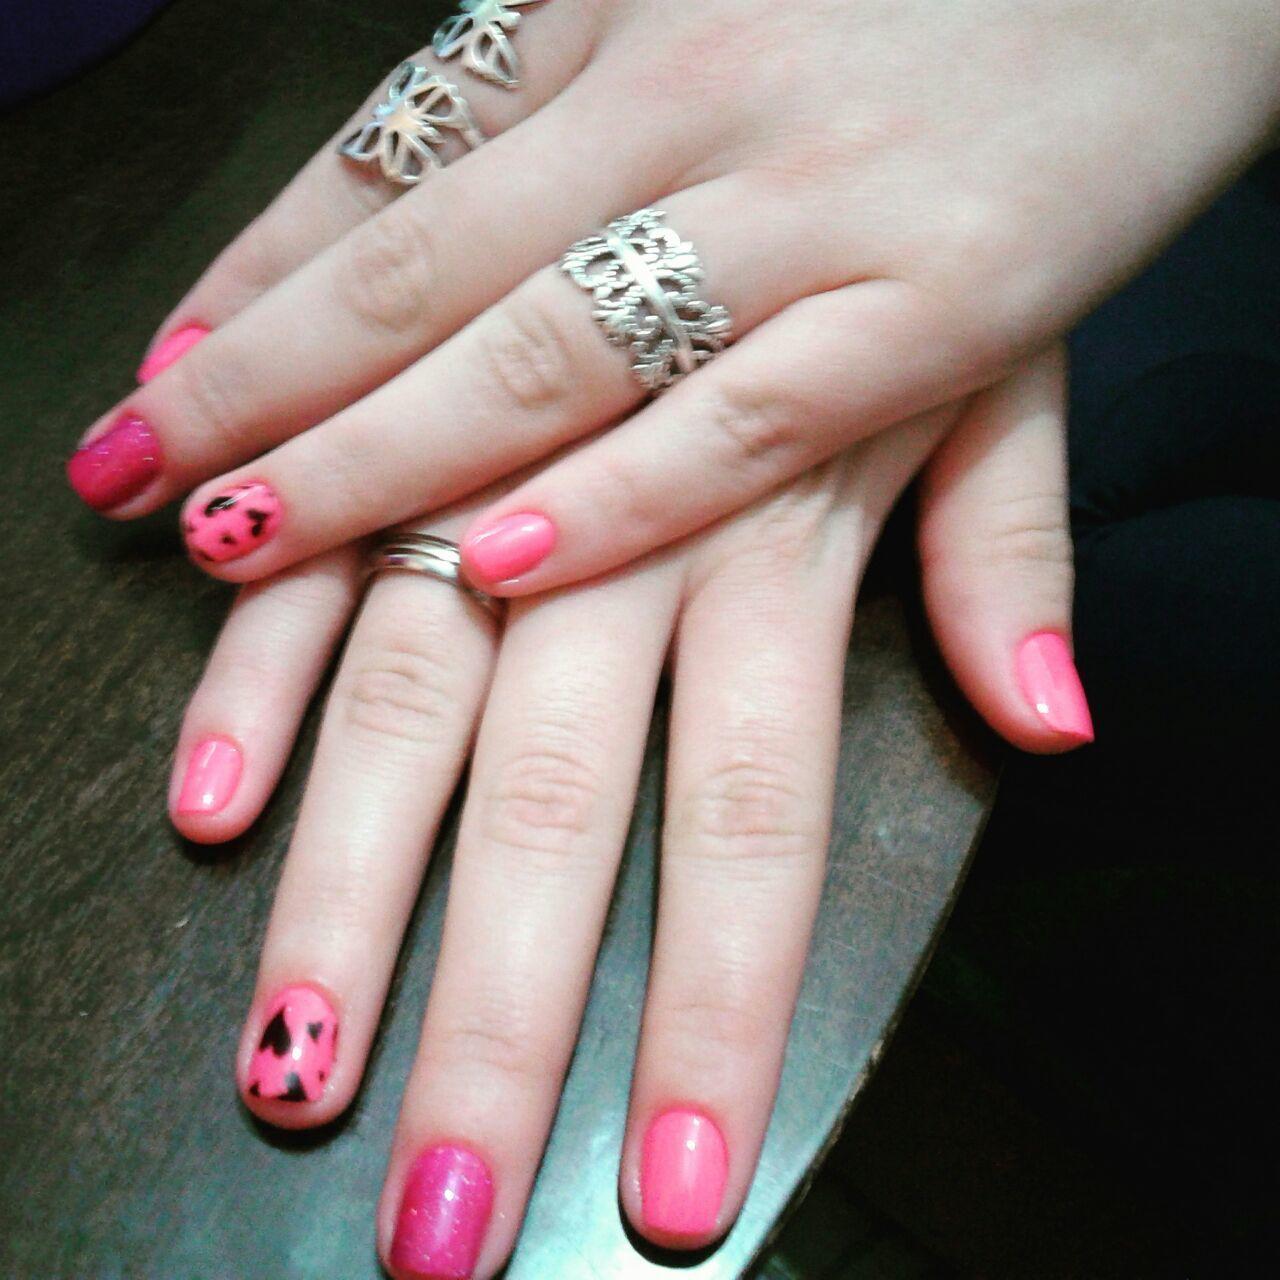 unhas que eu fiz  unhas, nail art, rosa auxiliar administrativo atendente assistente maquiador(a) auxiliar de limpeza caixa manicure e pedicure recepcionista outros